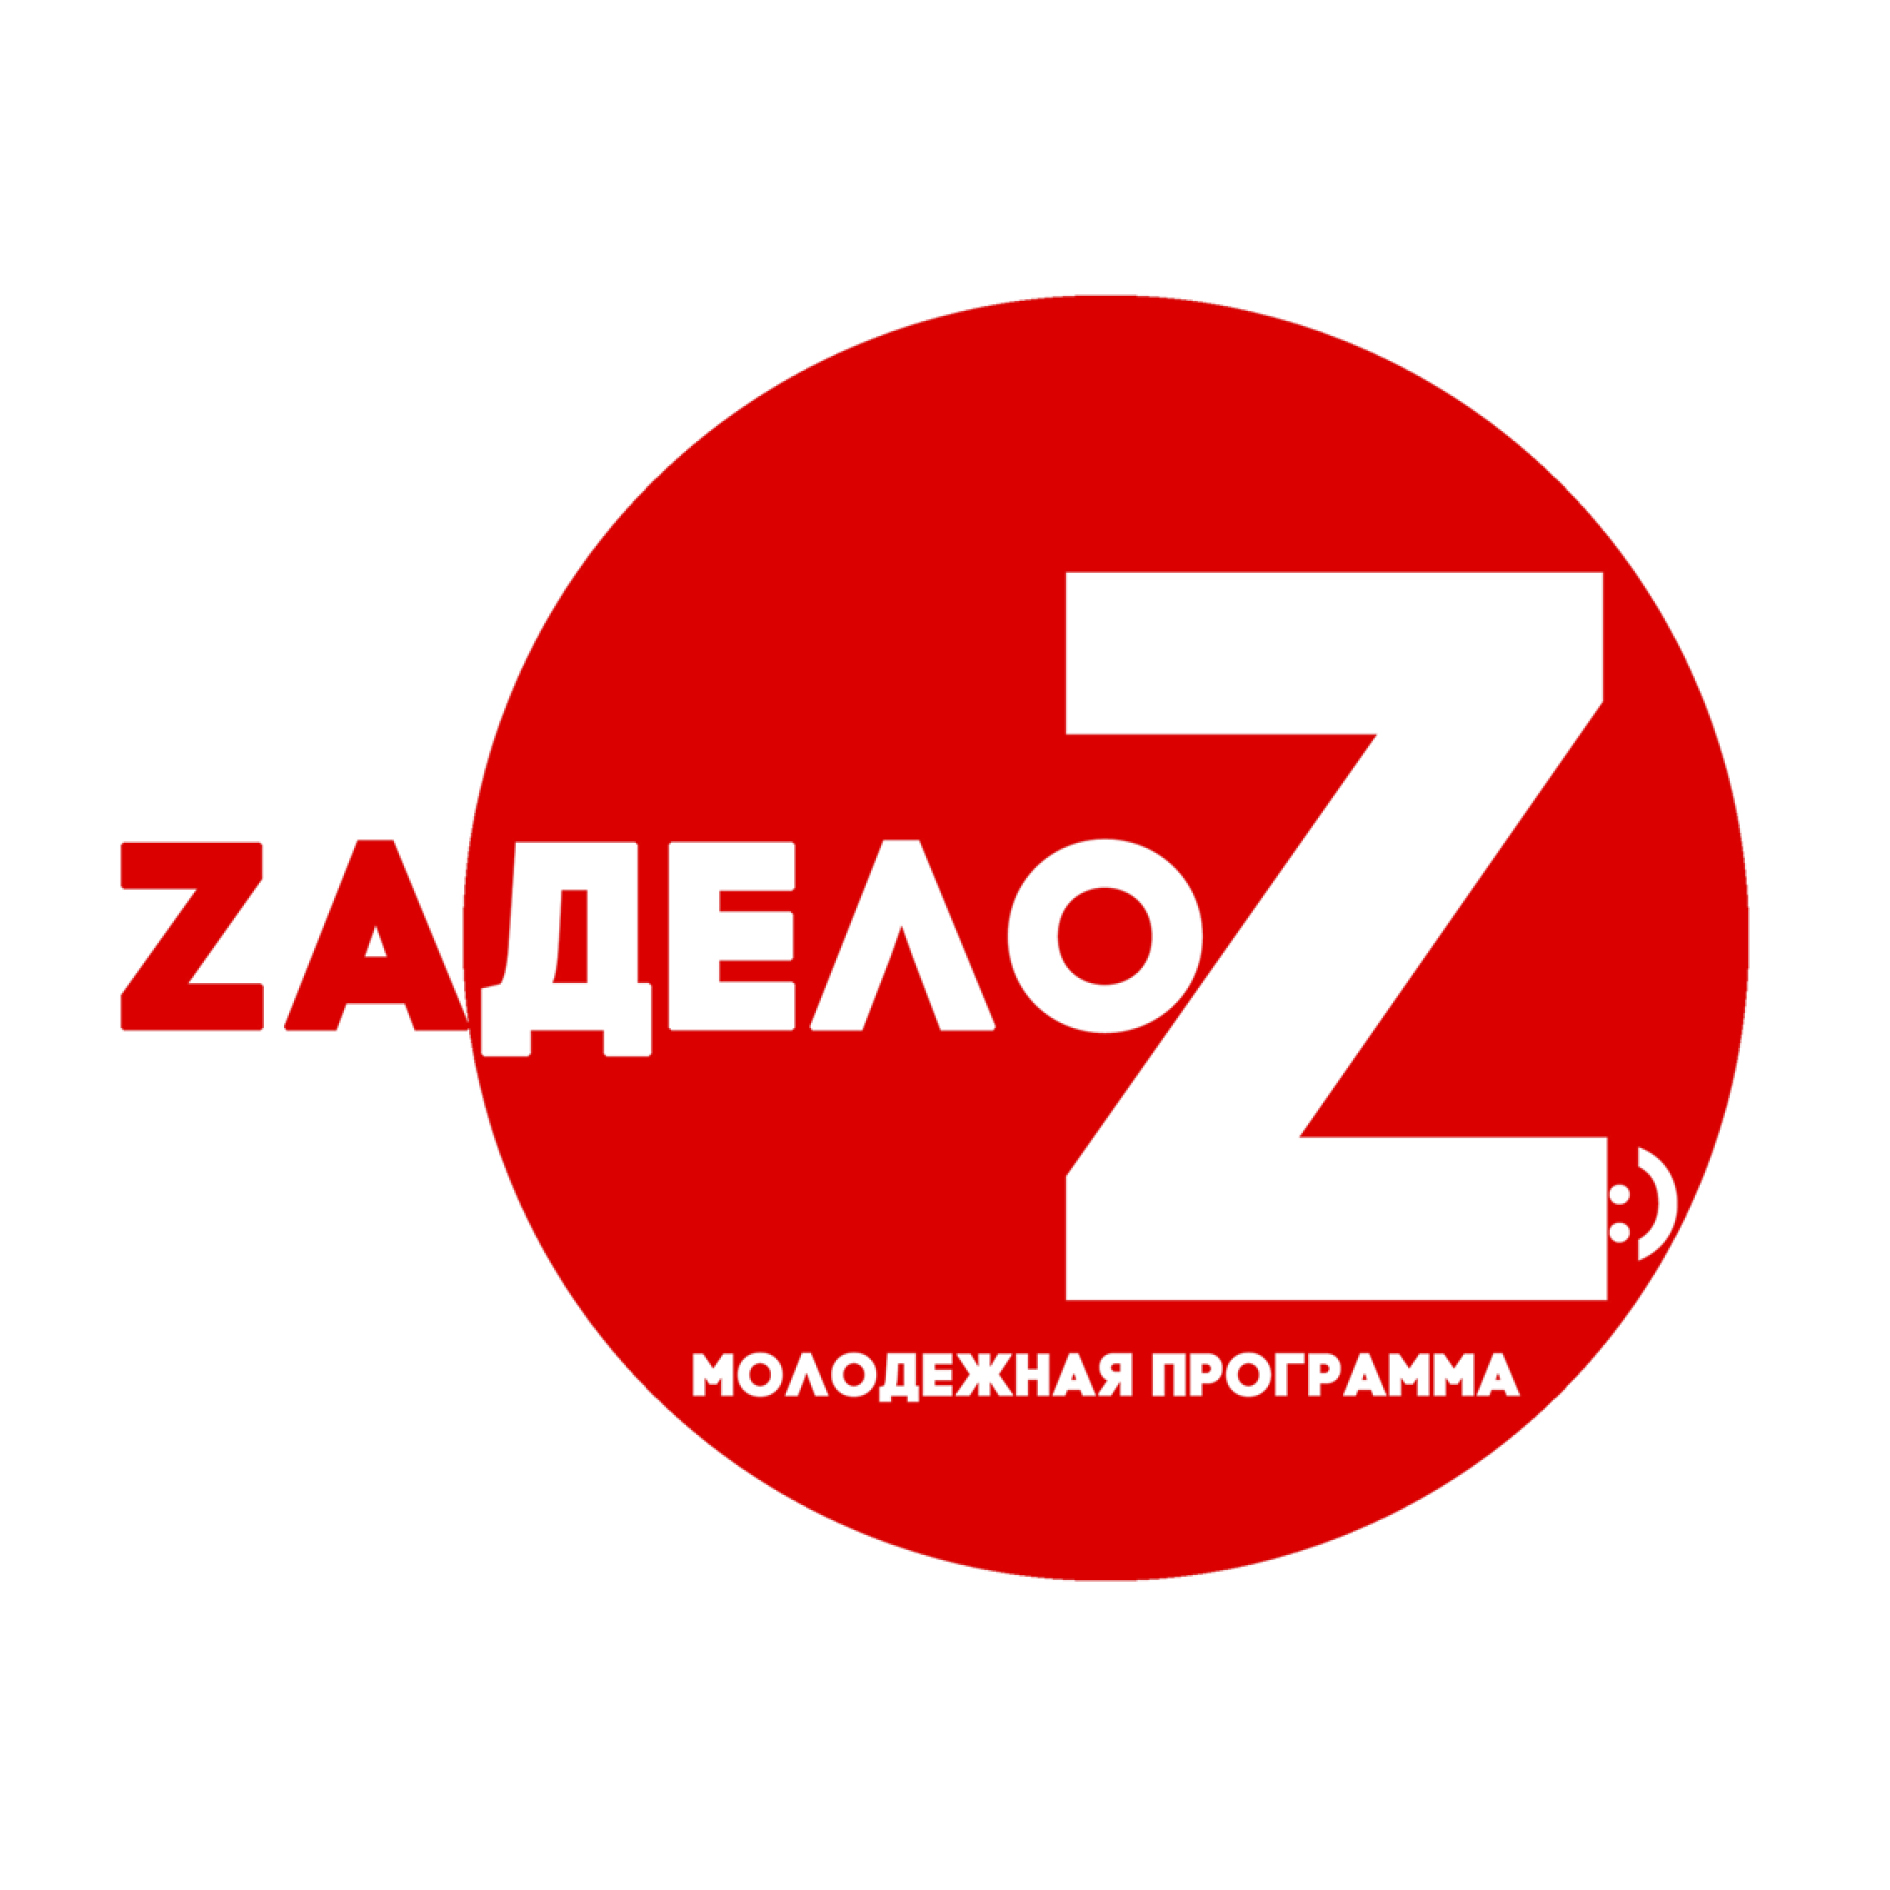 Новости нурлатский район татарстан